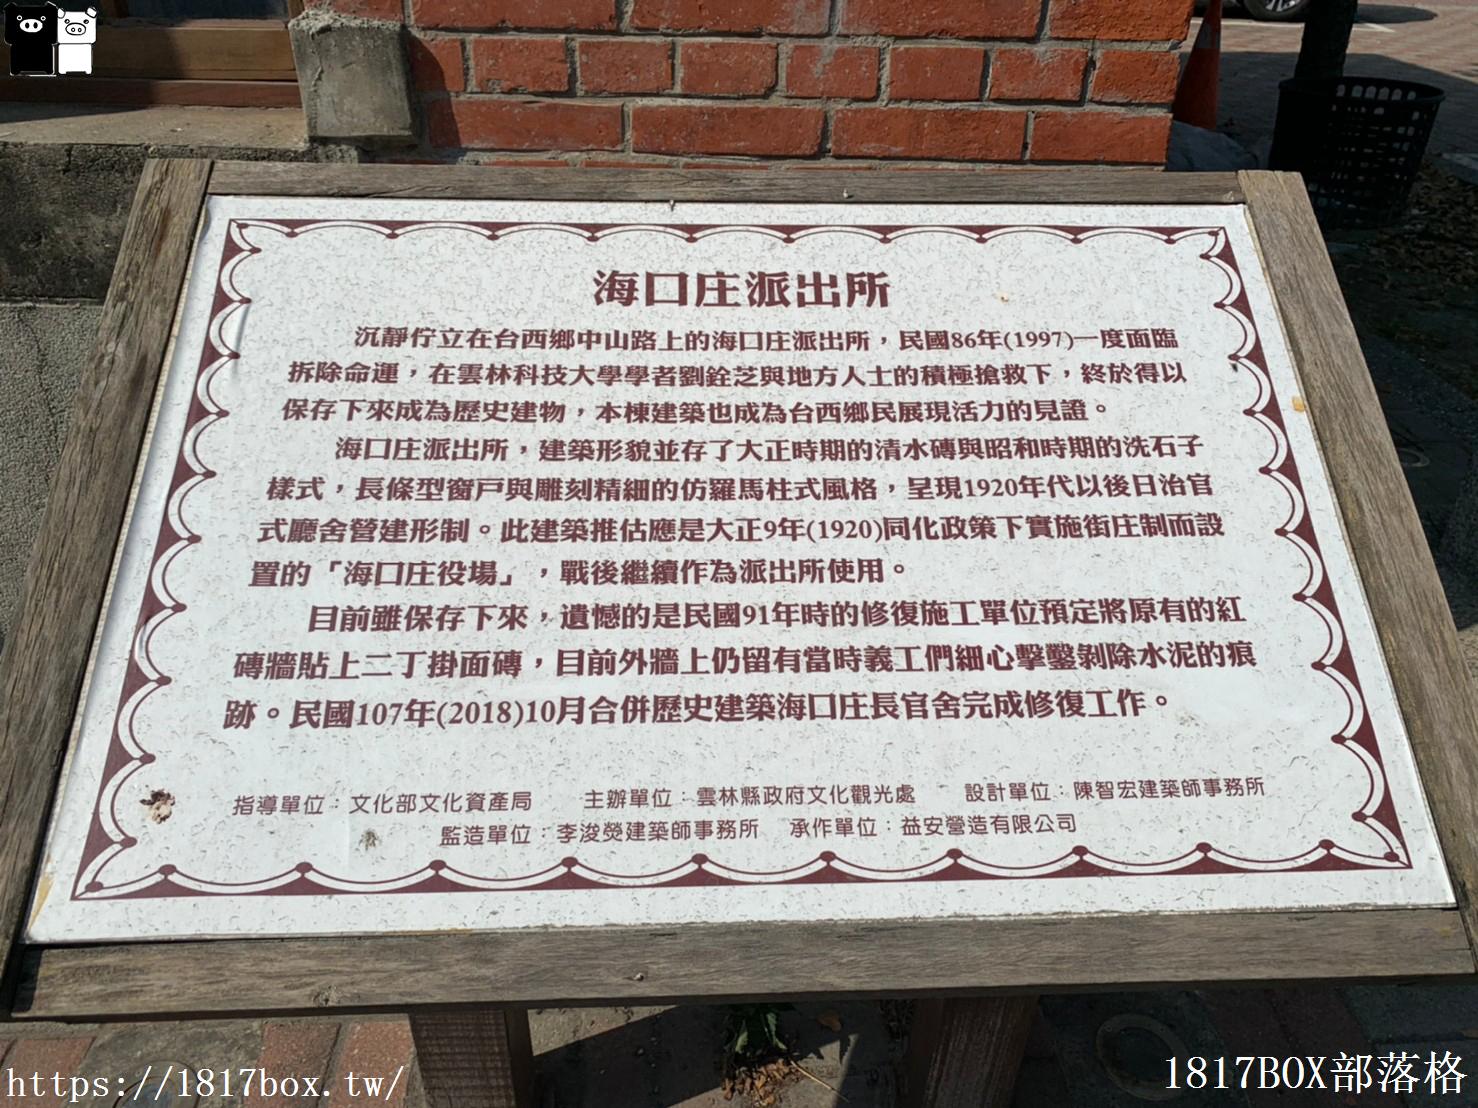 【雲林。台西】海口庄派出所。雲林縣歷史建築 @1817BOX部落格